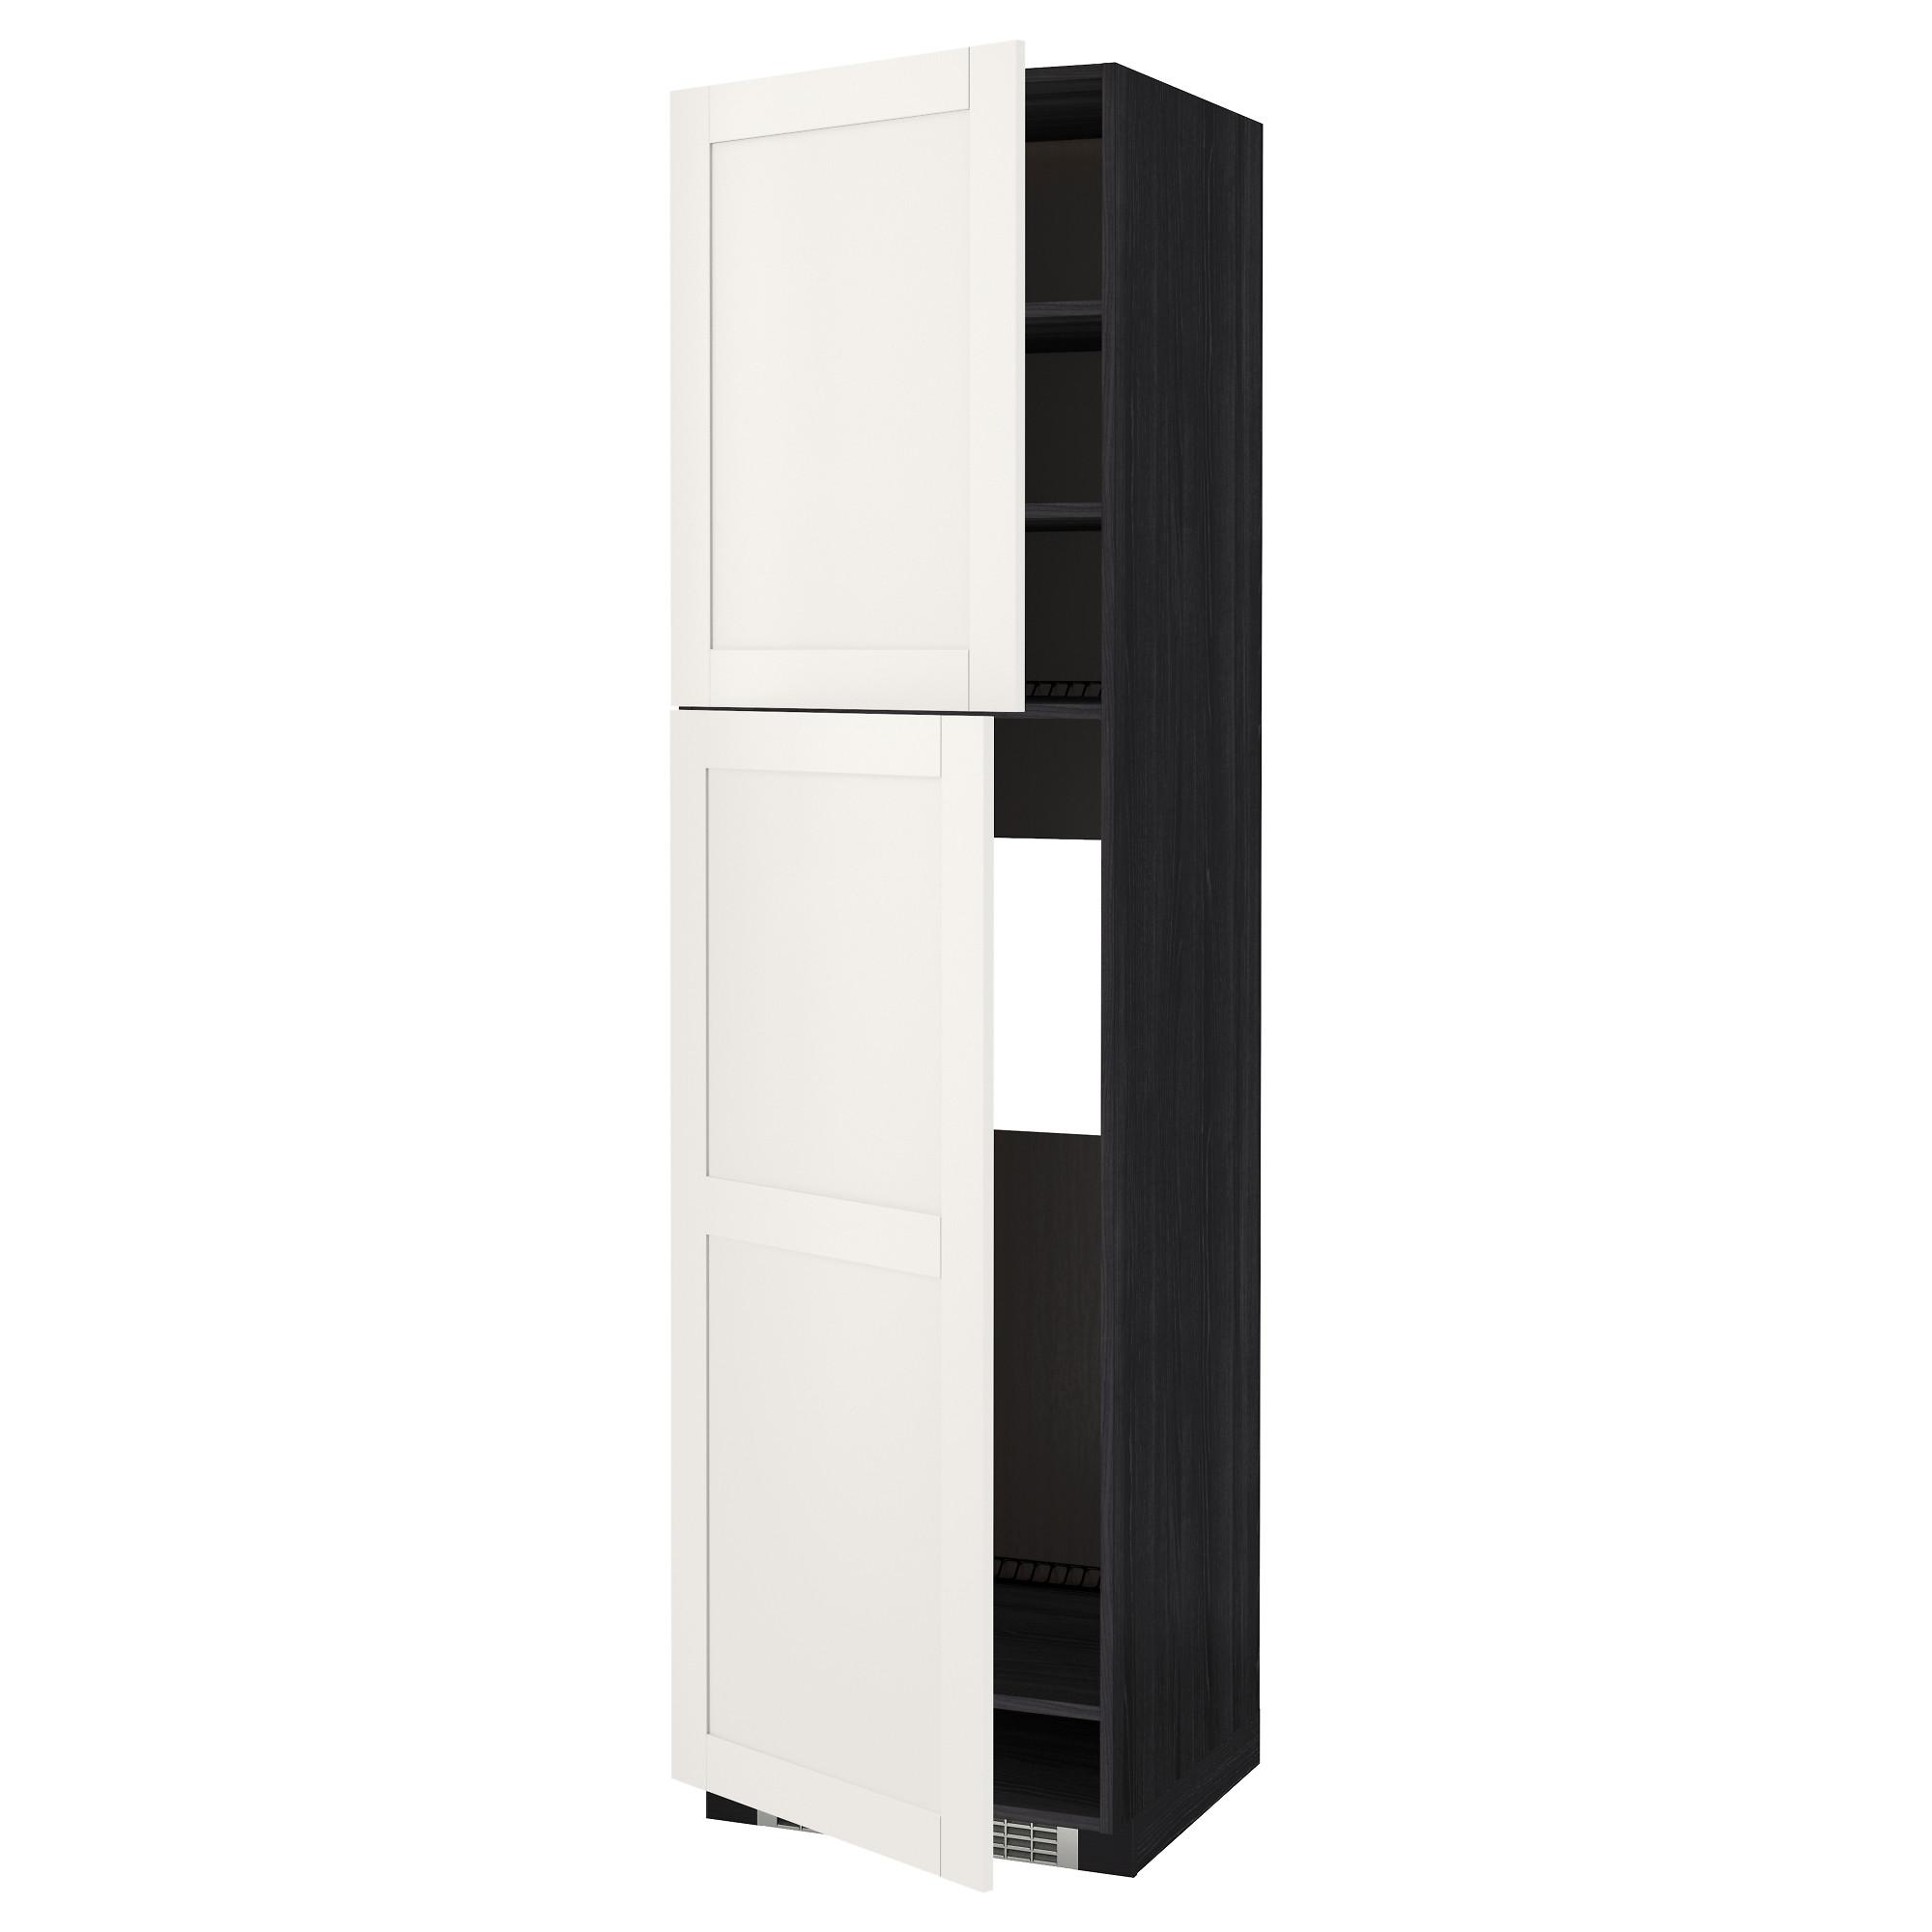 Высокий шкаф для холодильника, 2 дверцы МЕТОД черный артикуль № 392.231.70 в наличии. Онлайн магазин IKEA РБ. Быстрая доставка и соборка.